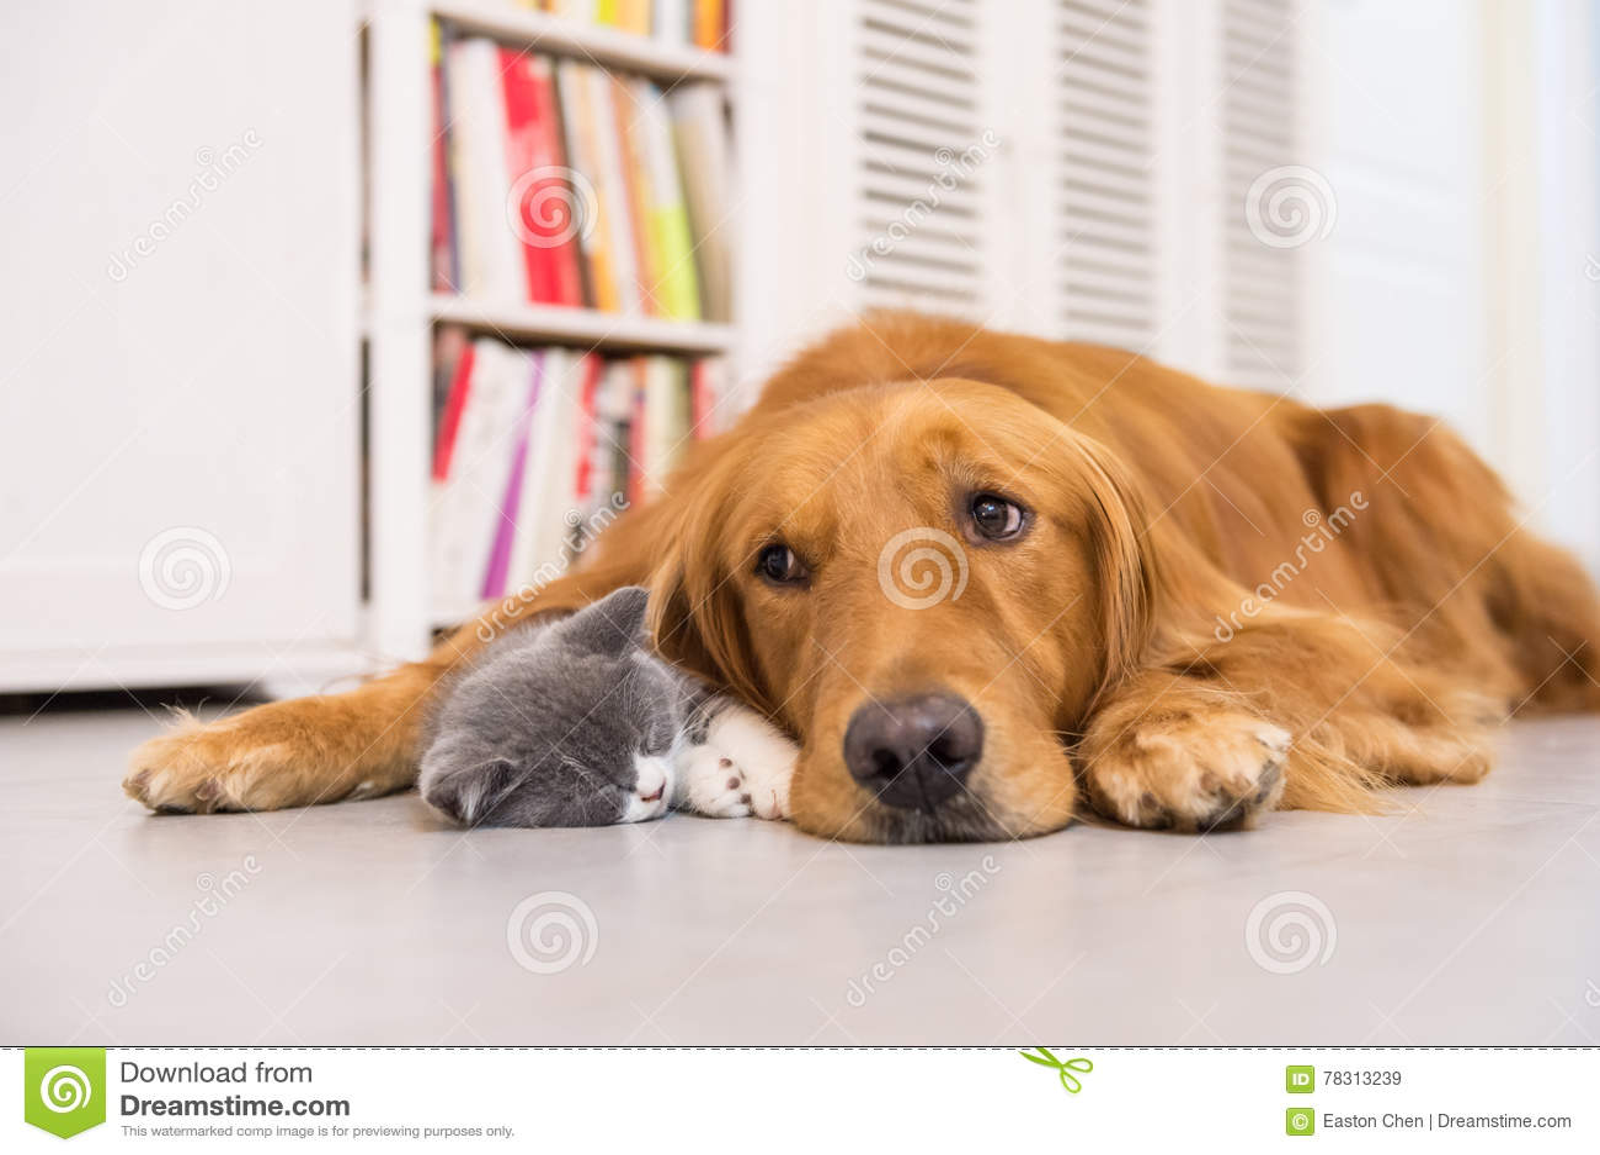 hunde und katzen stockbild bild von innen säugetiere